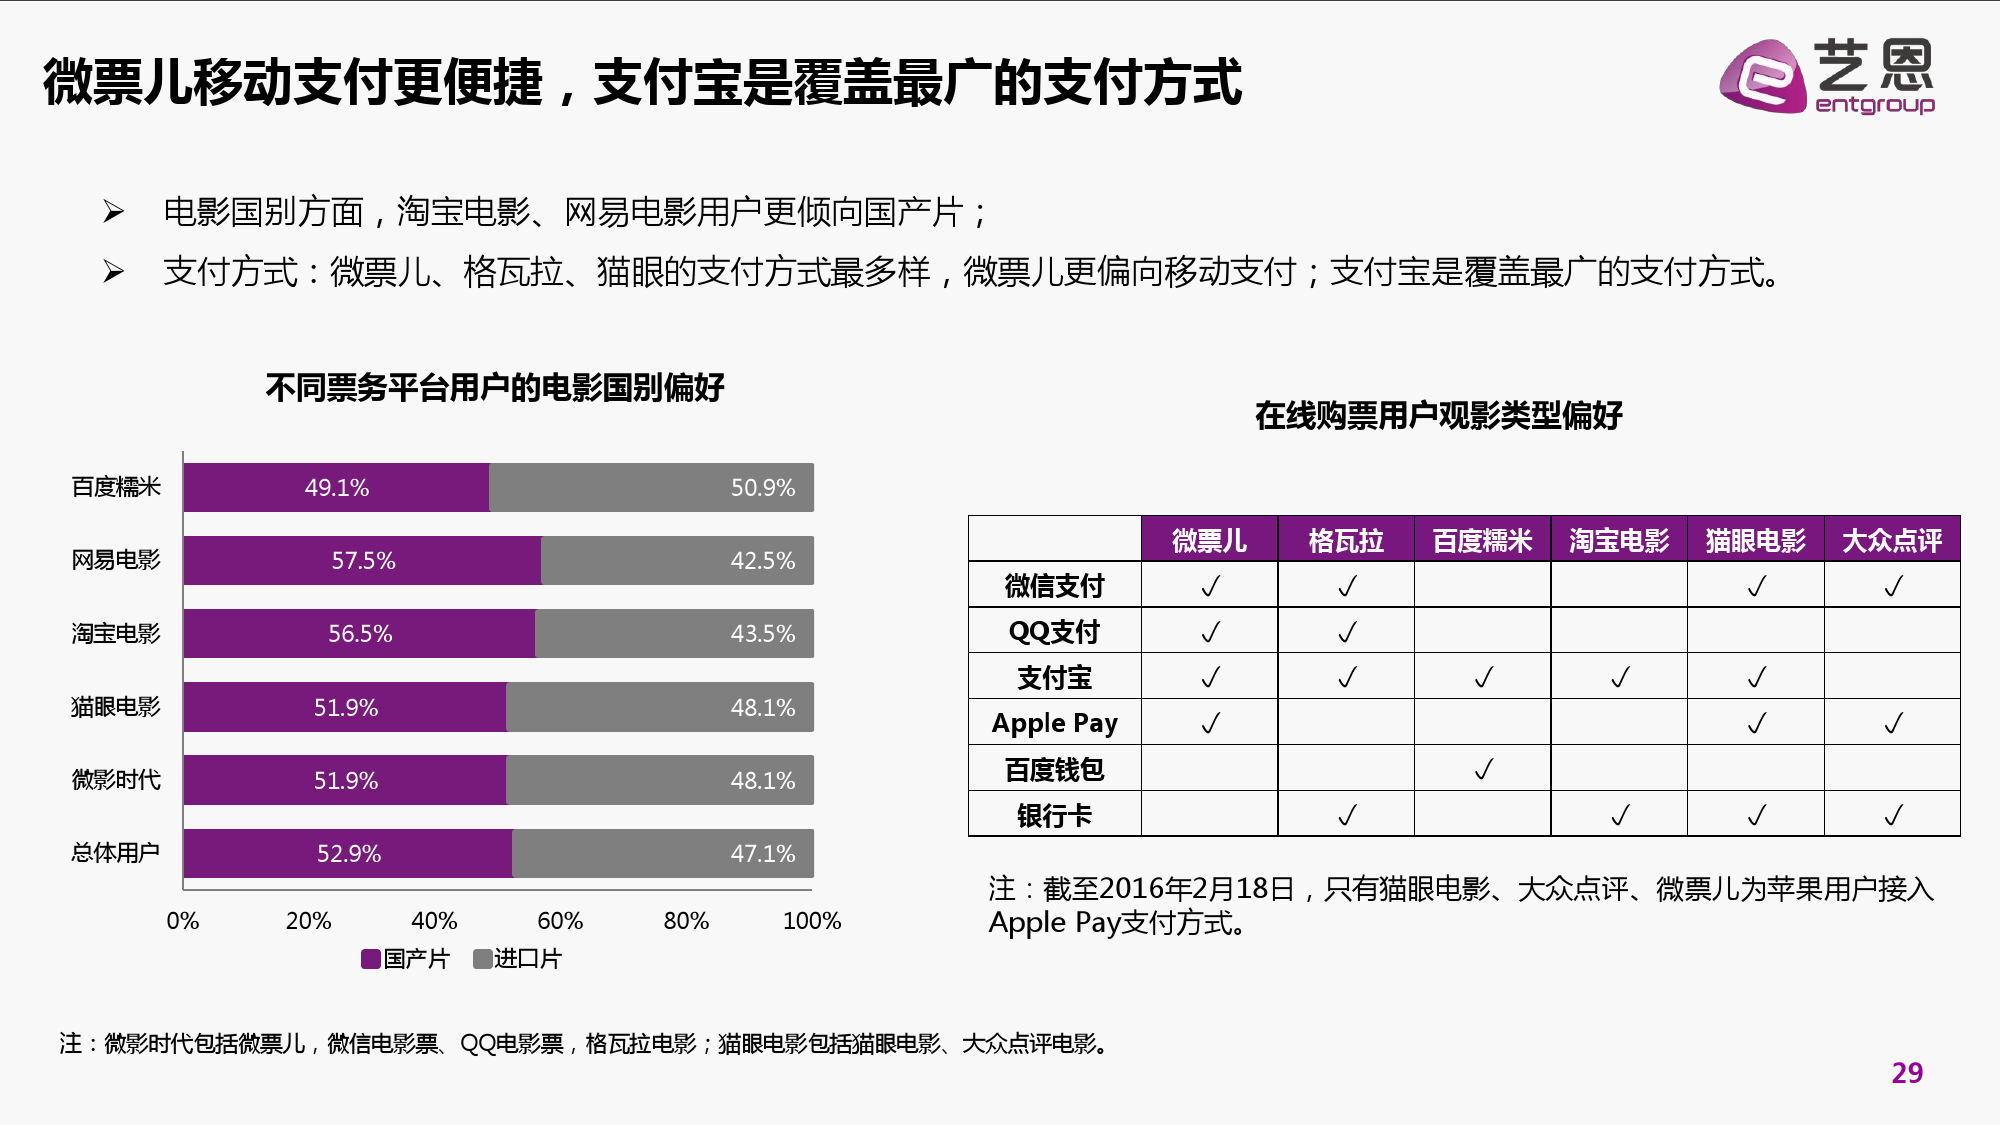 2016年中国电影在线票务市场研究报告_000029